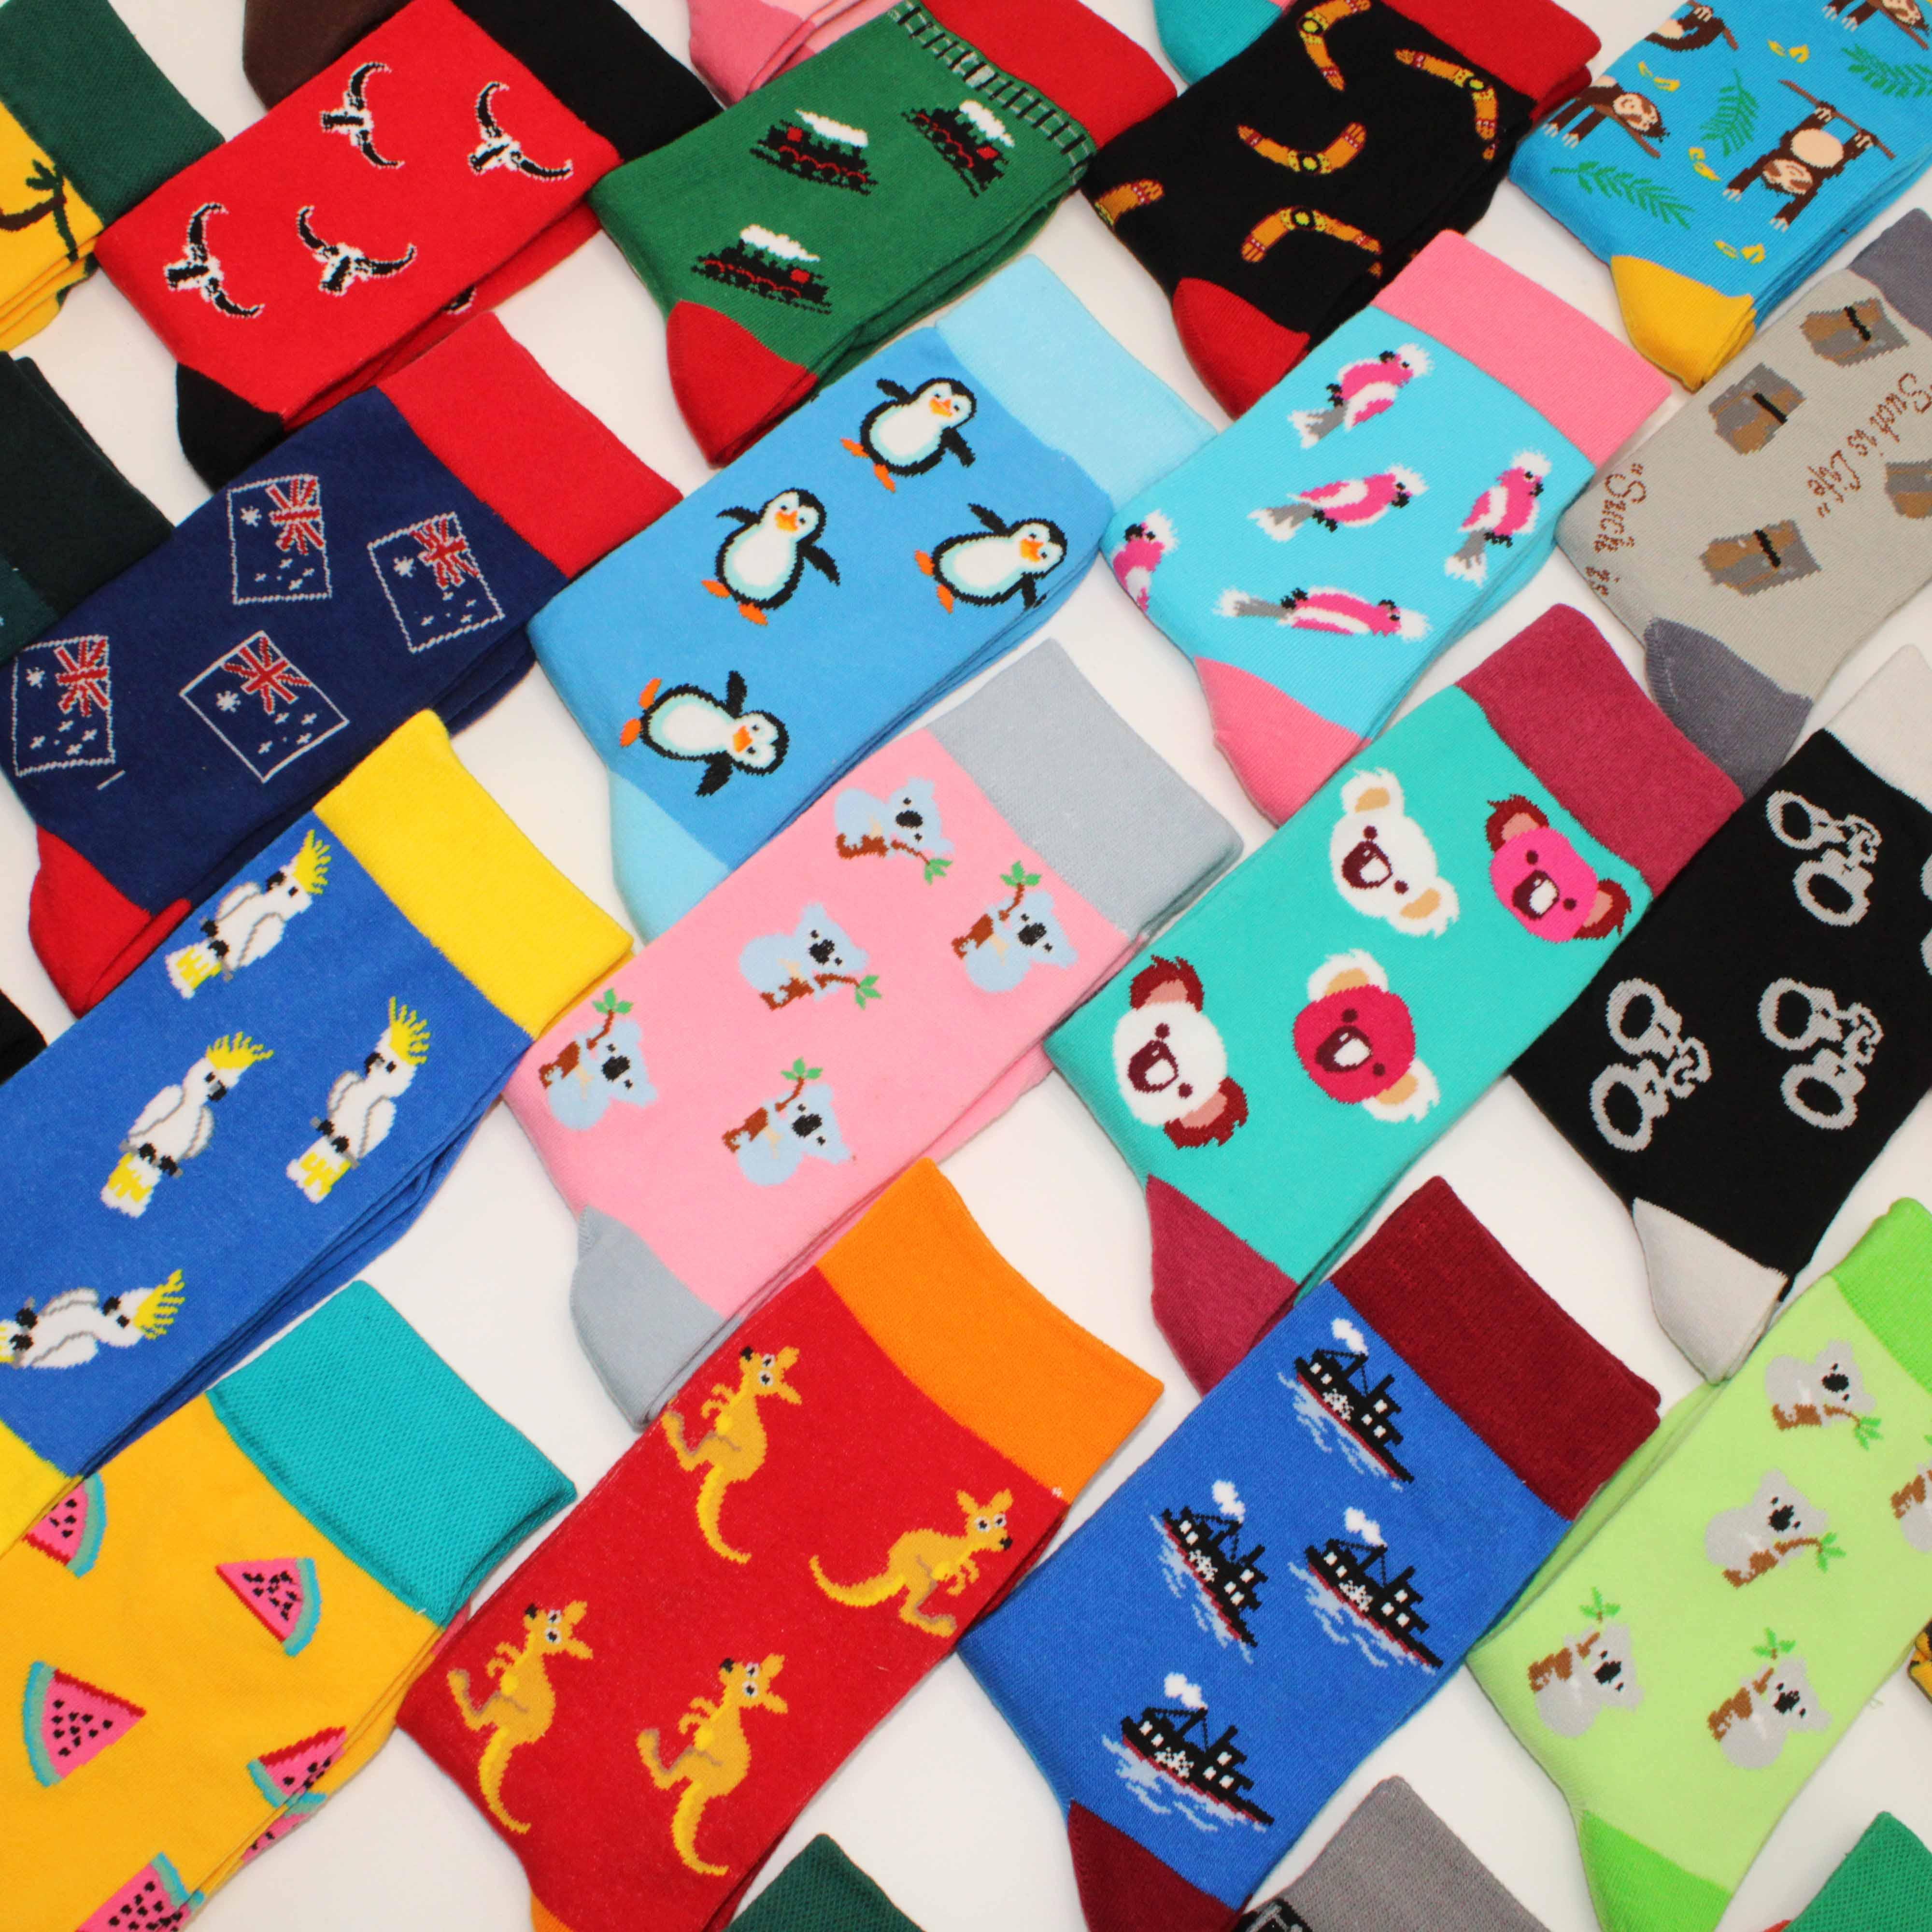 Красочные женские хлопковые короткие носки, забавные необычные женские носки с принтом фруктов, арбуза, бананов, пингвина, животных для под...